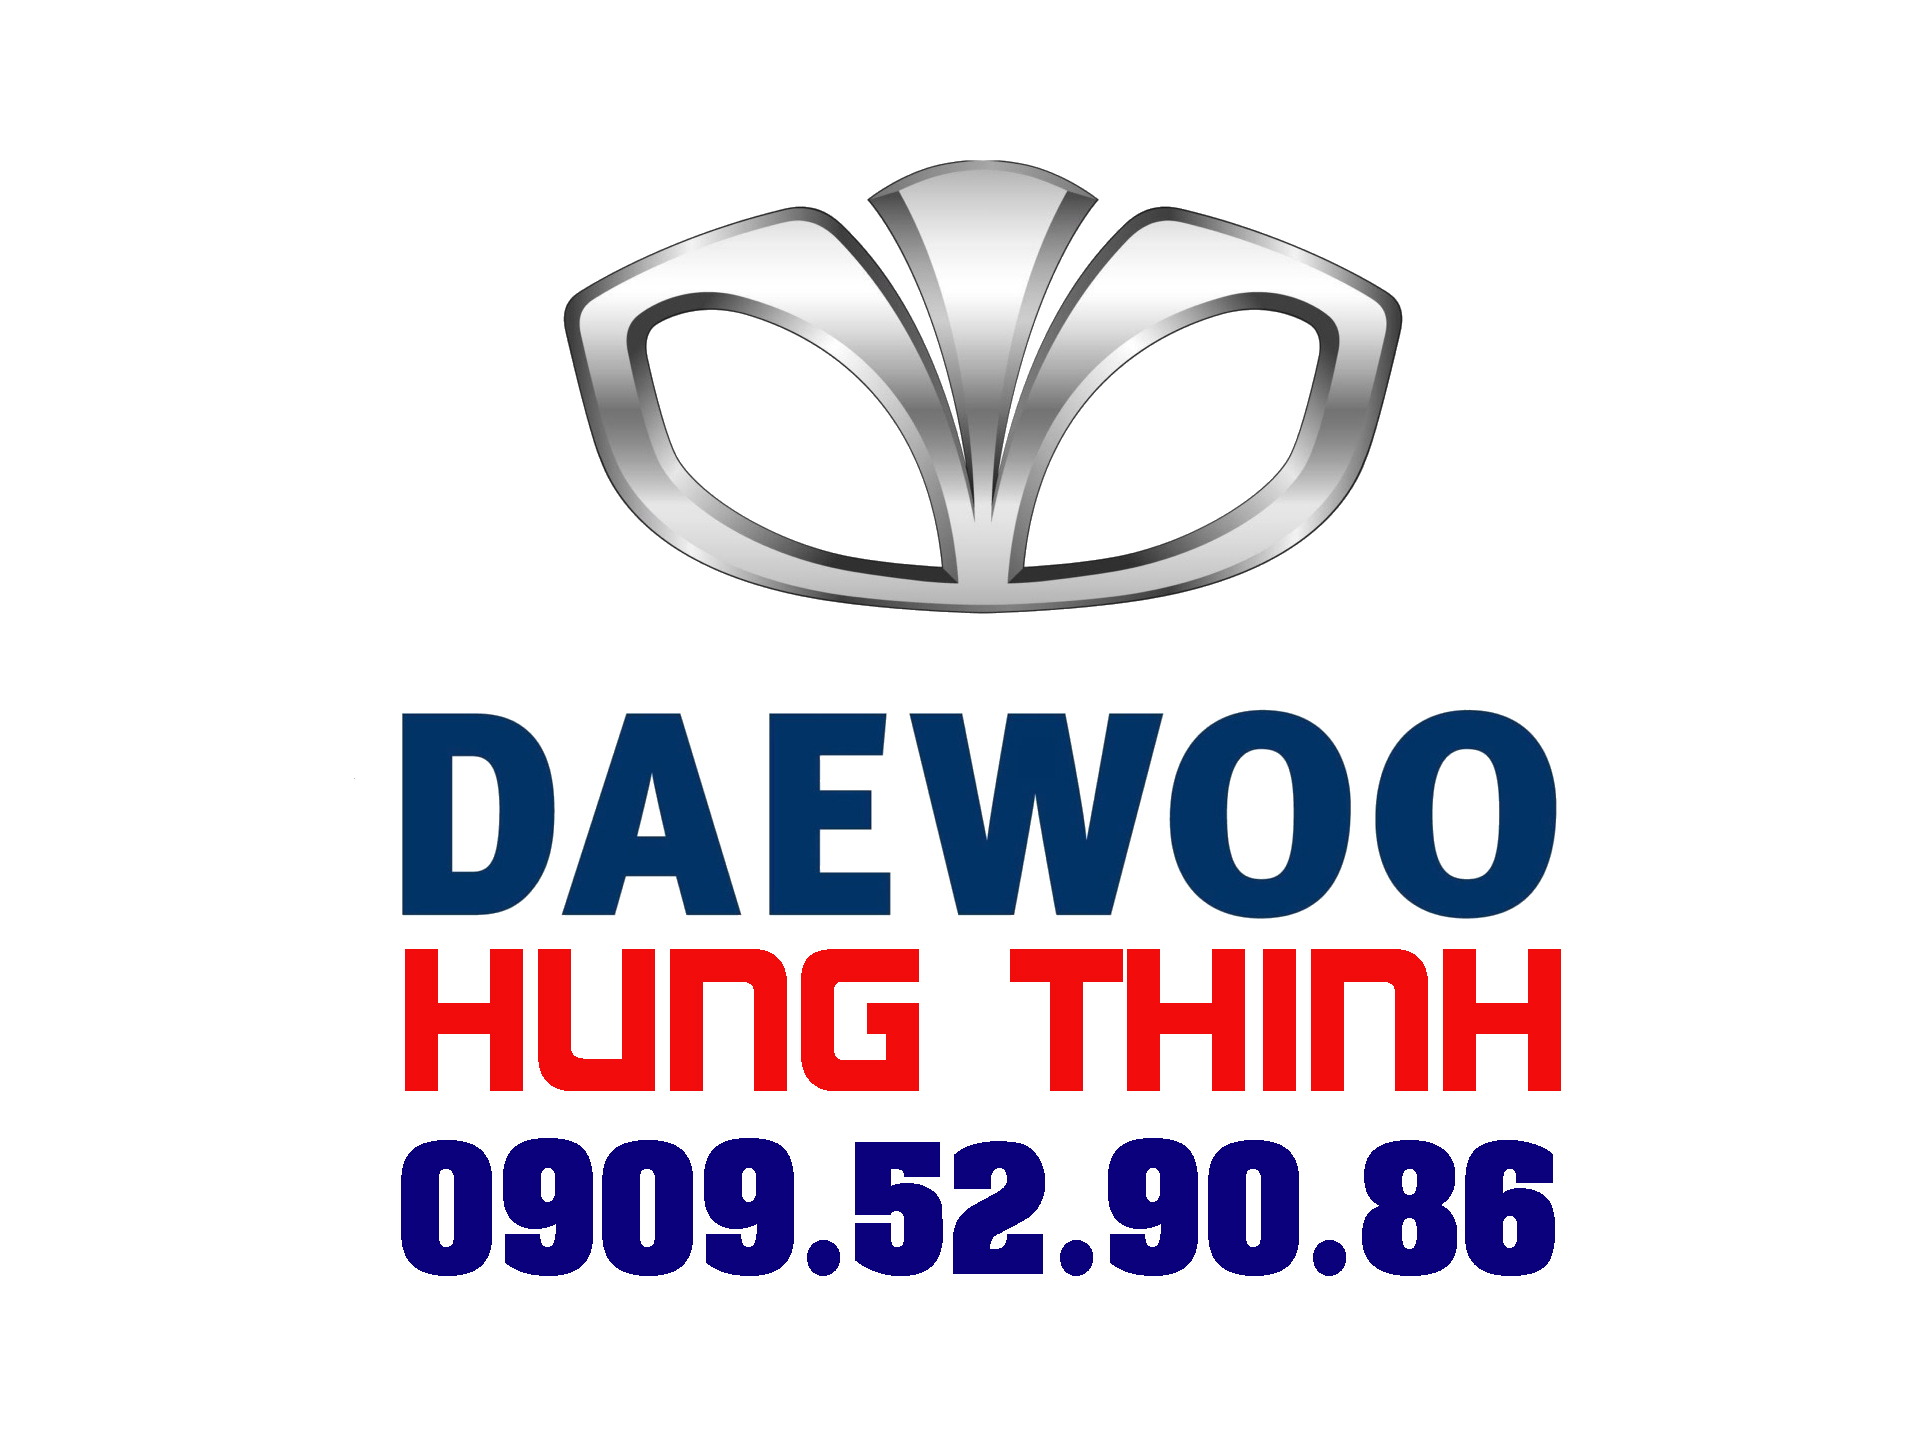 daewoo Hùng Thịnh